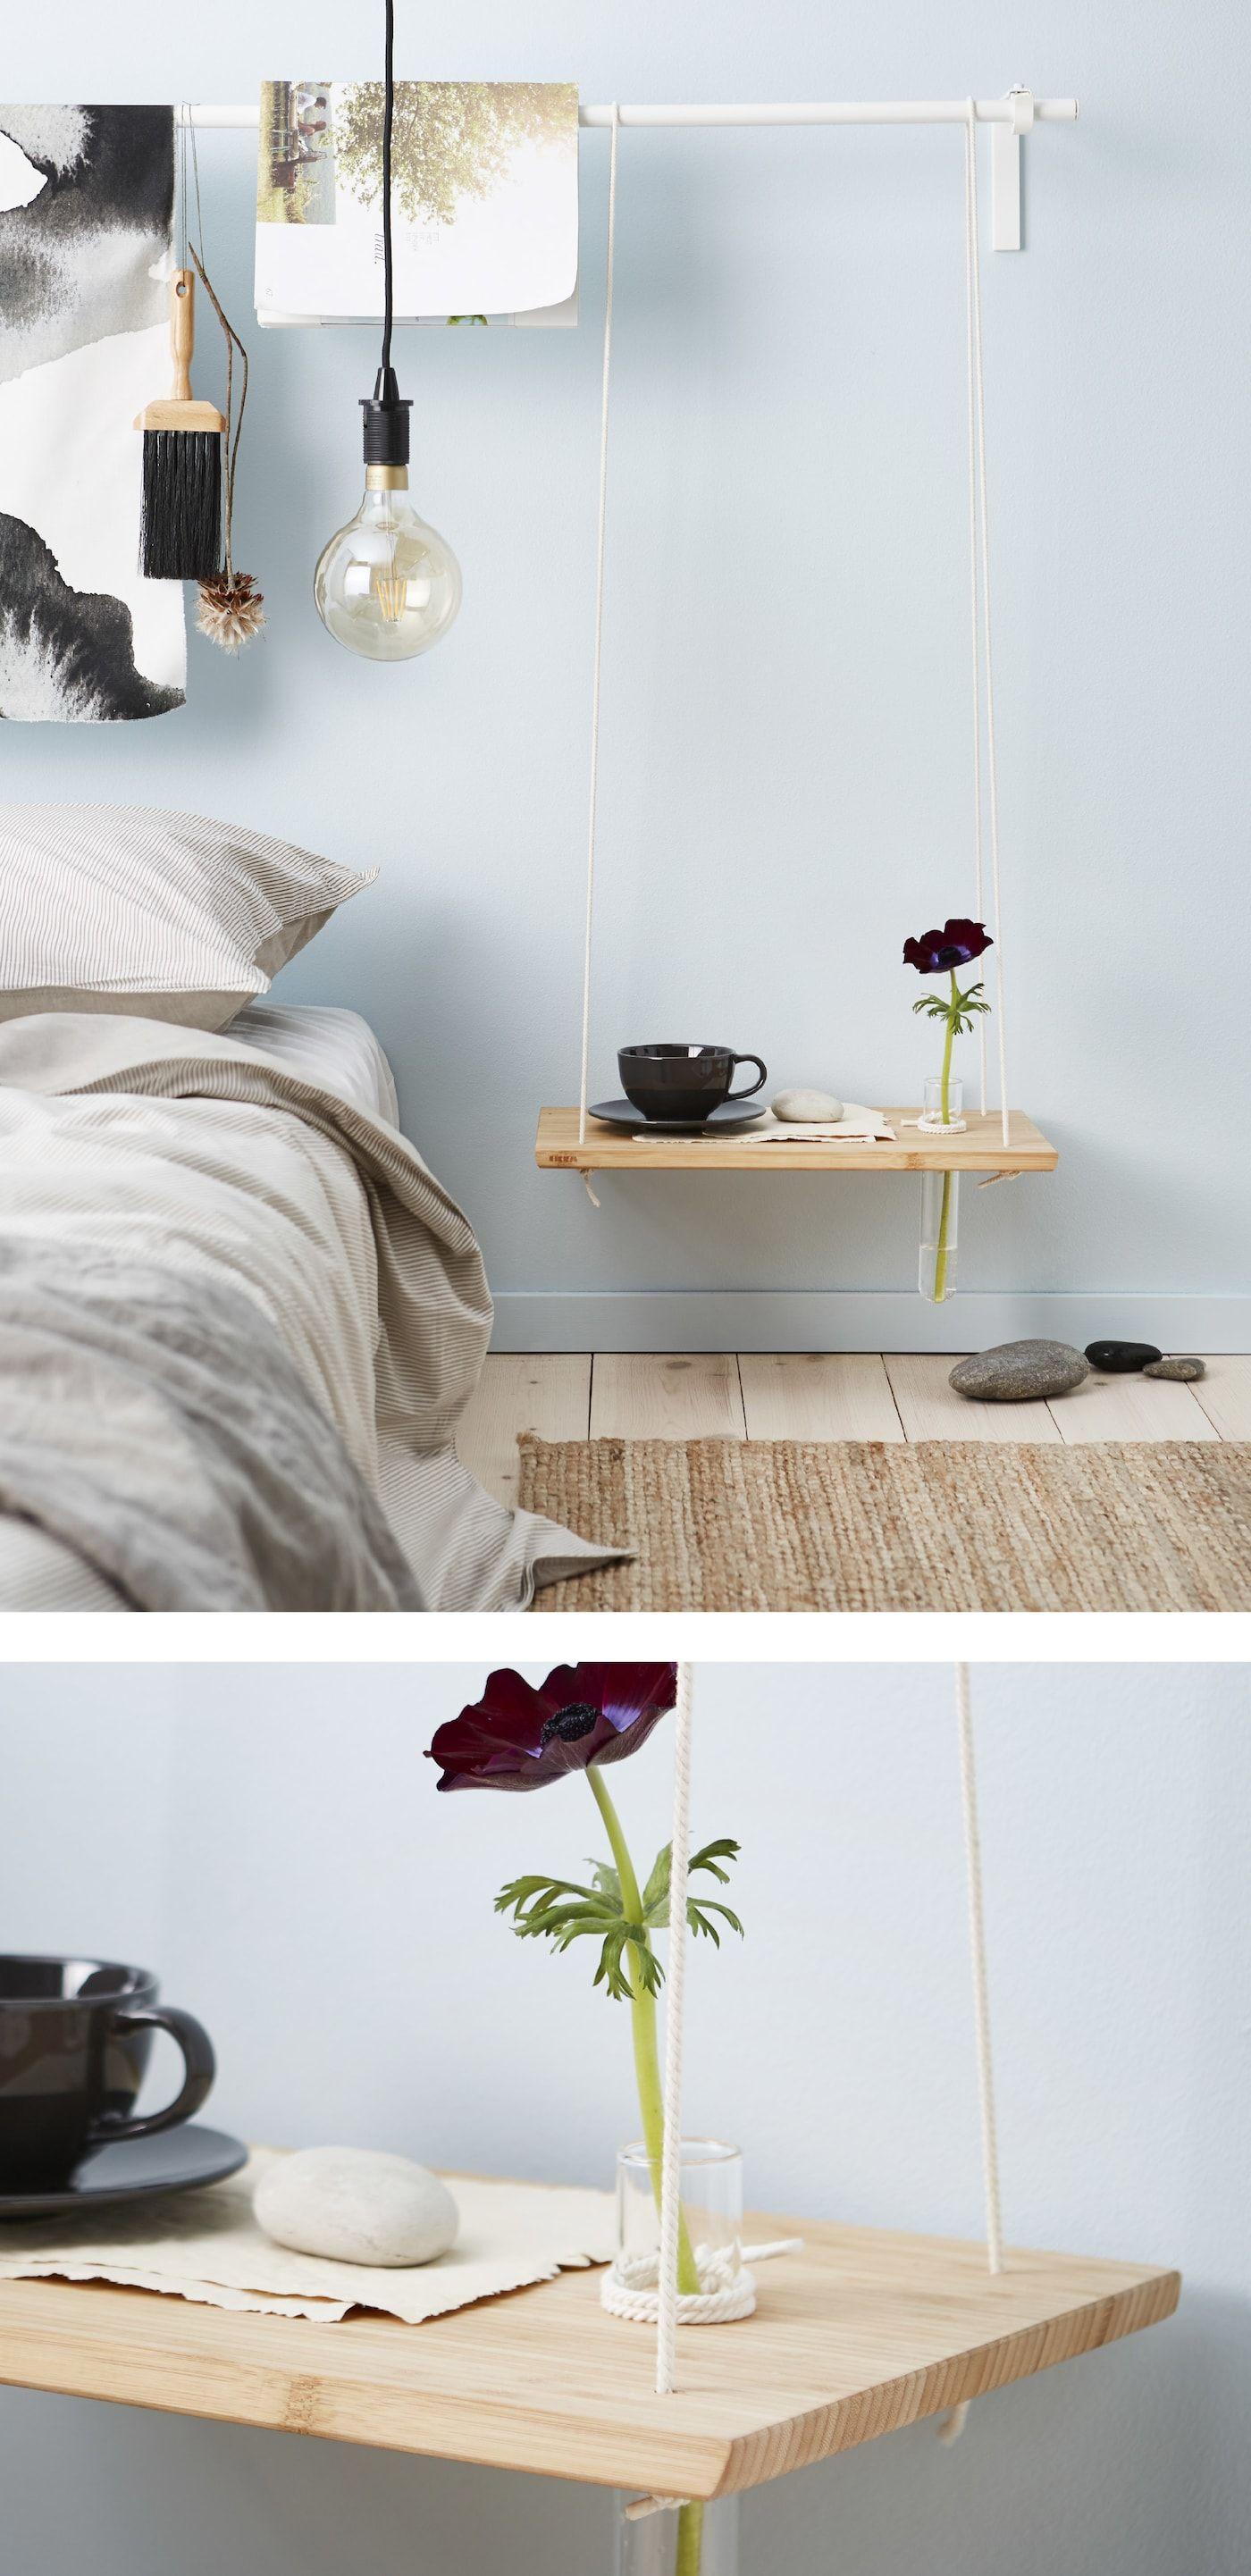 Nachttisch Clever Verschonern Nachttisch Nachttisch Ideen Zimmer Dekoration Diy